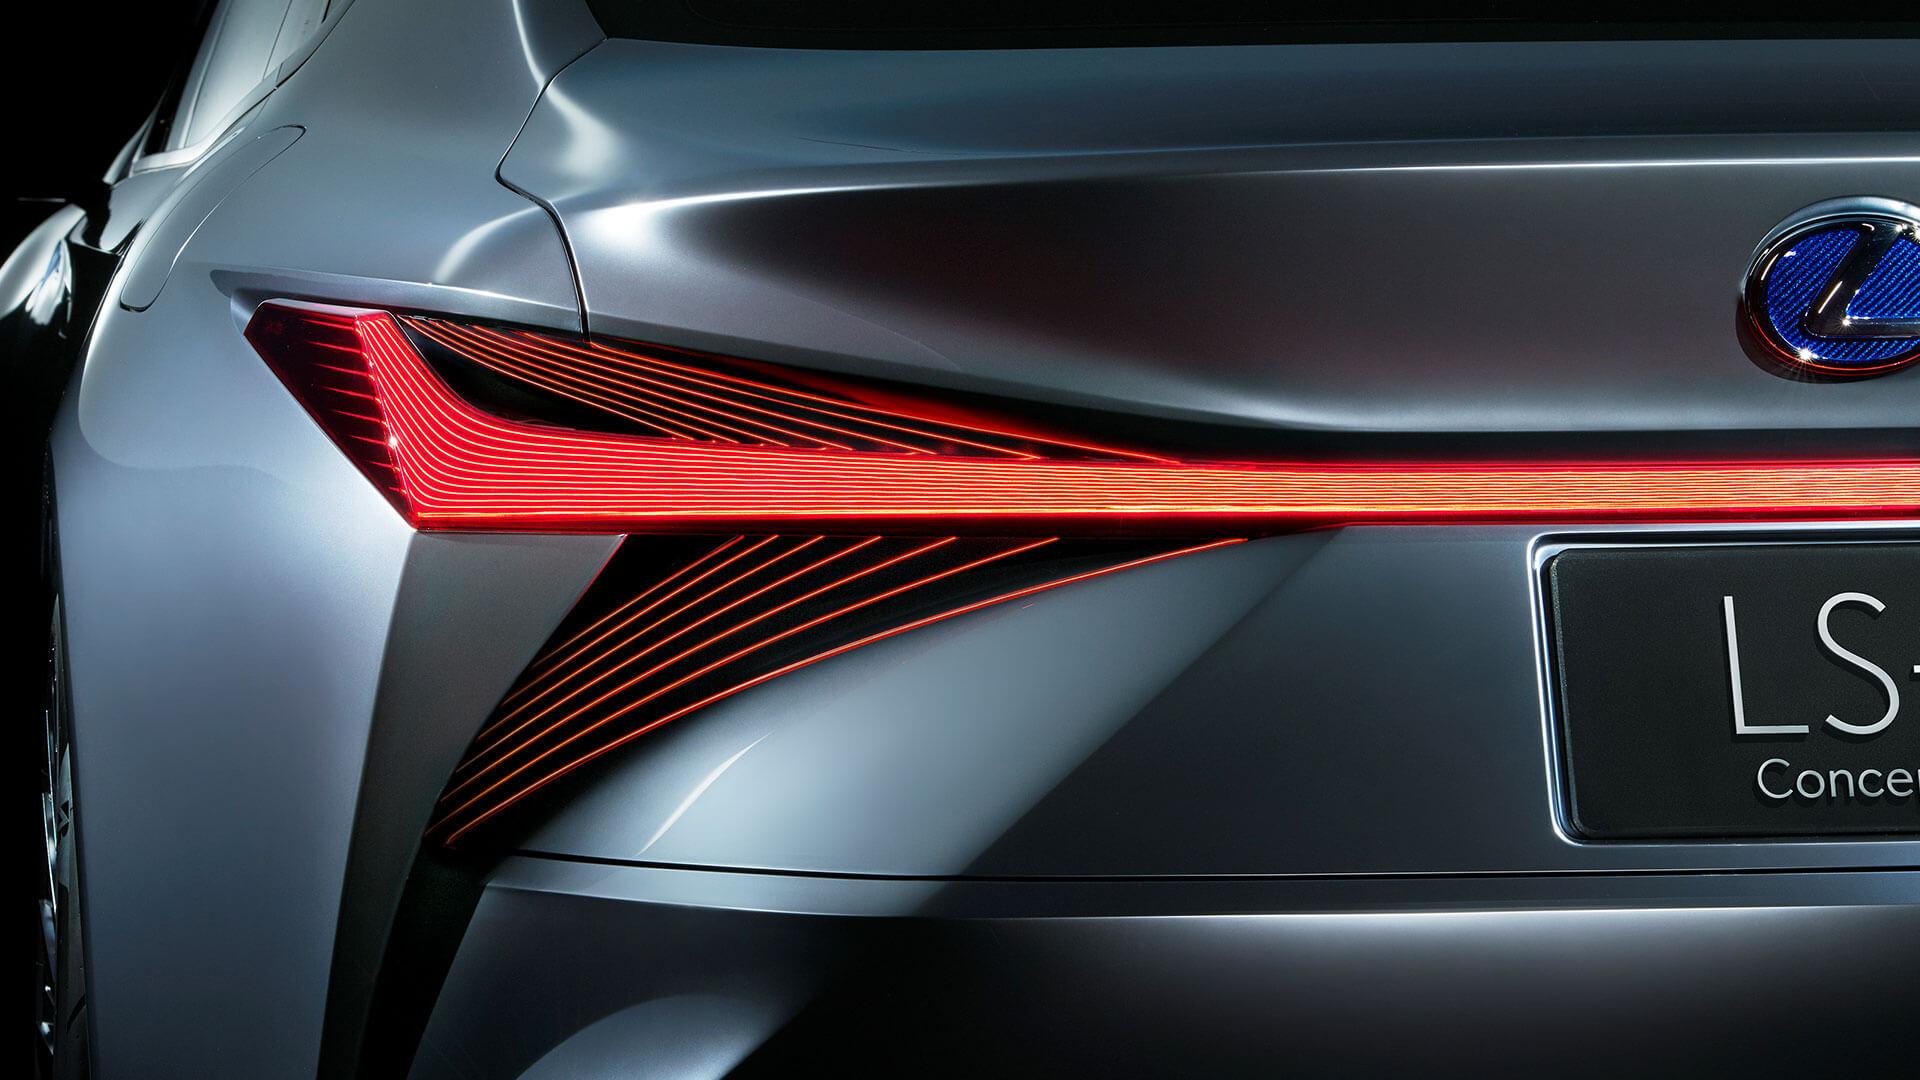 lexus ls concept tokyo motor show gallery 018